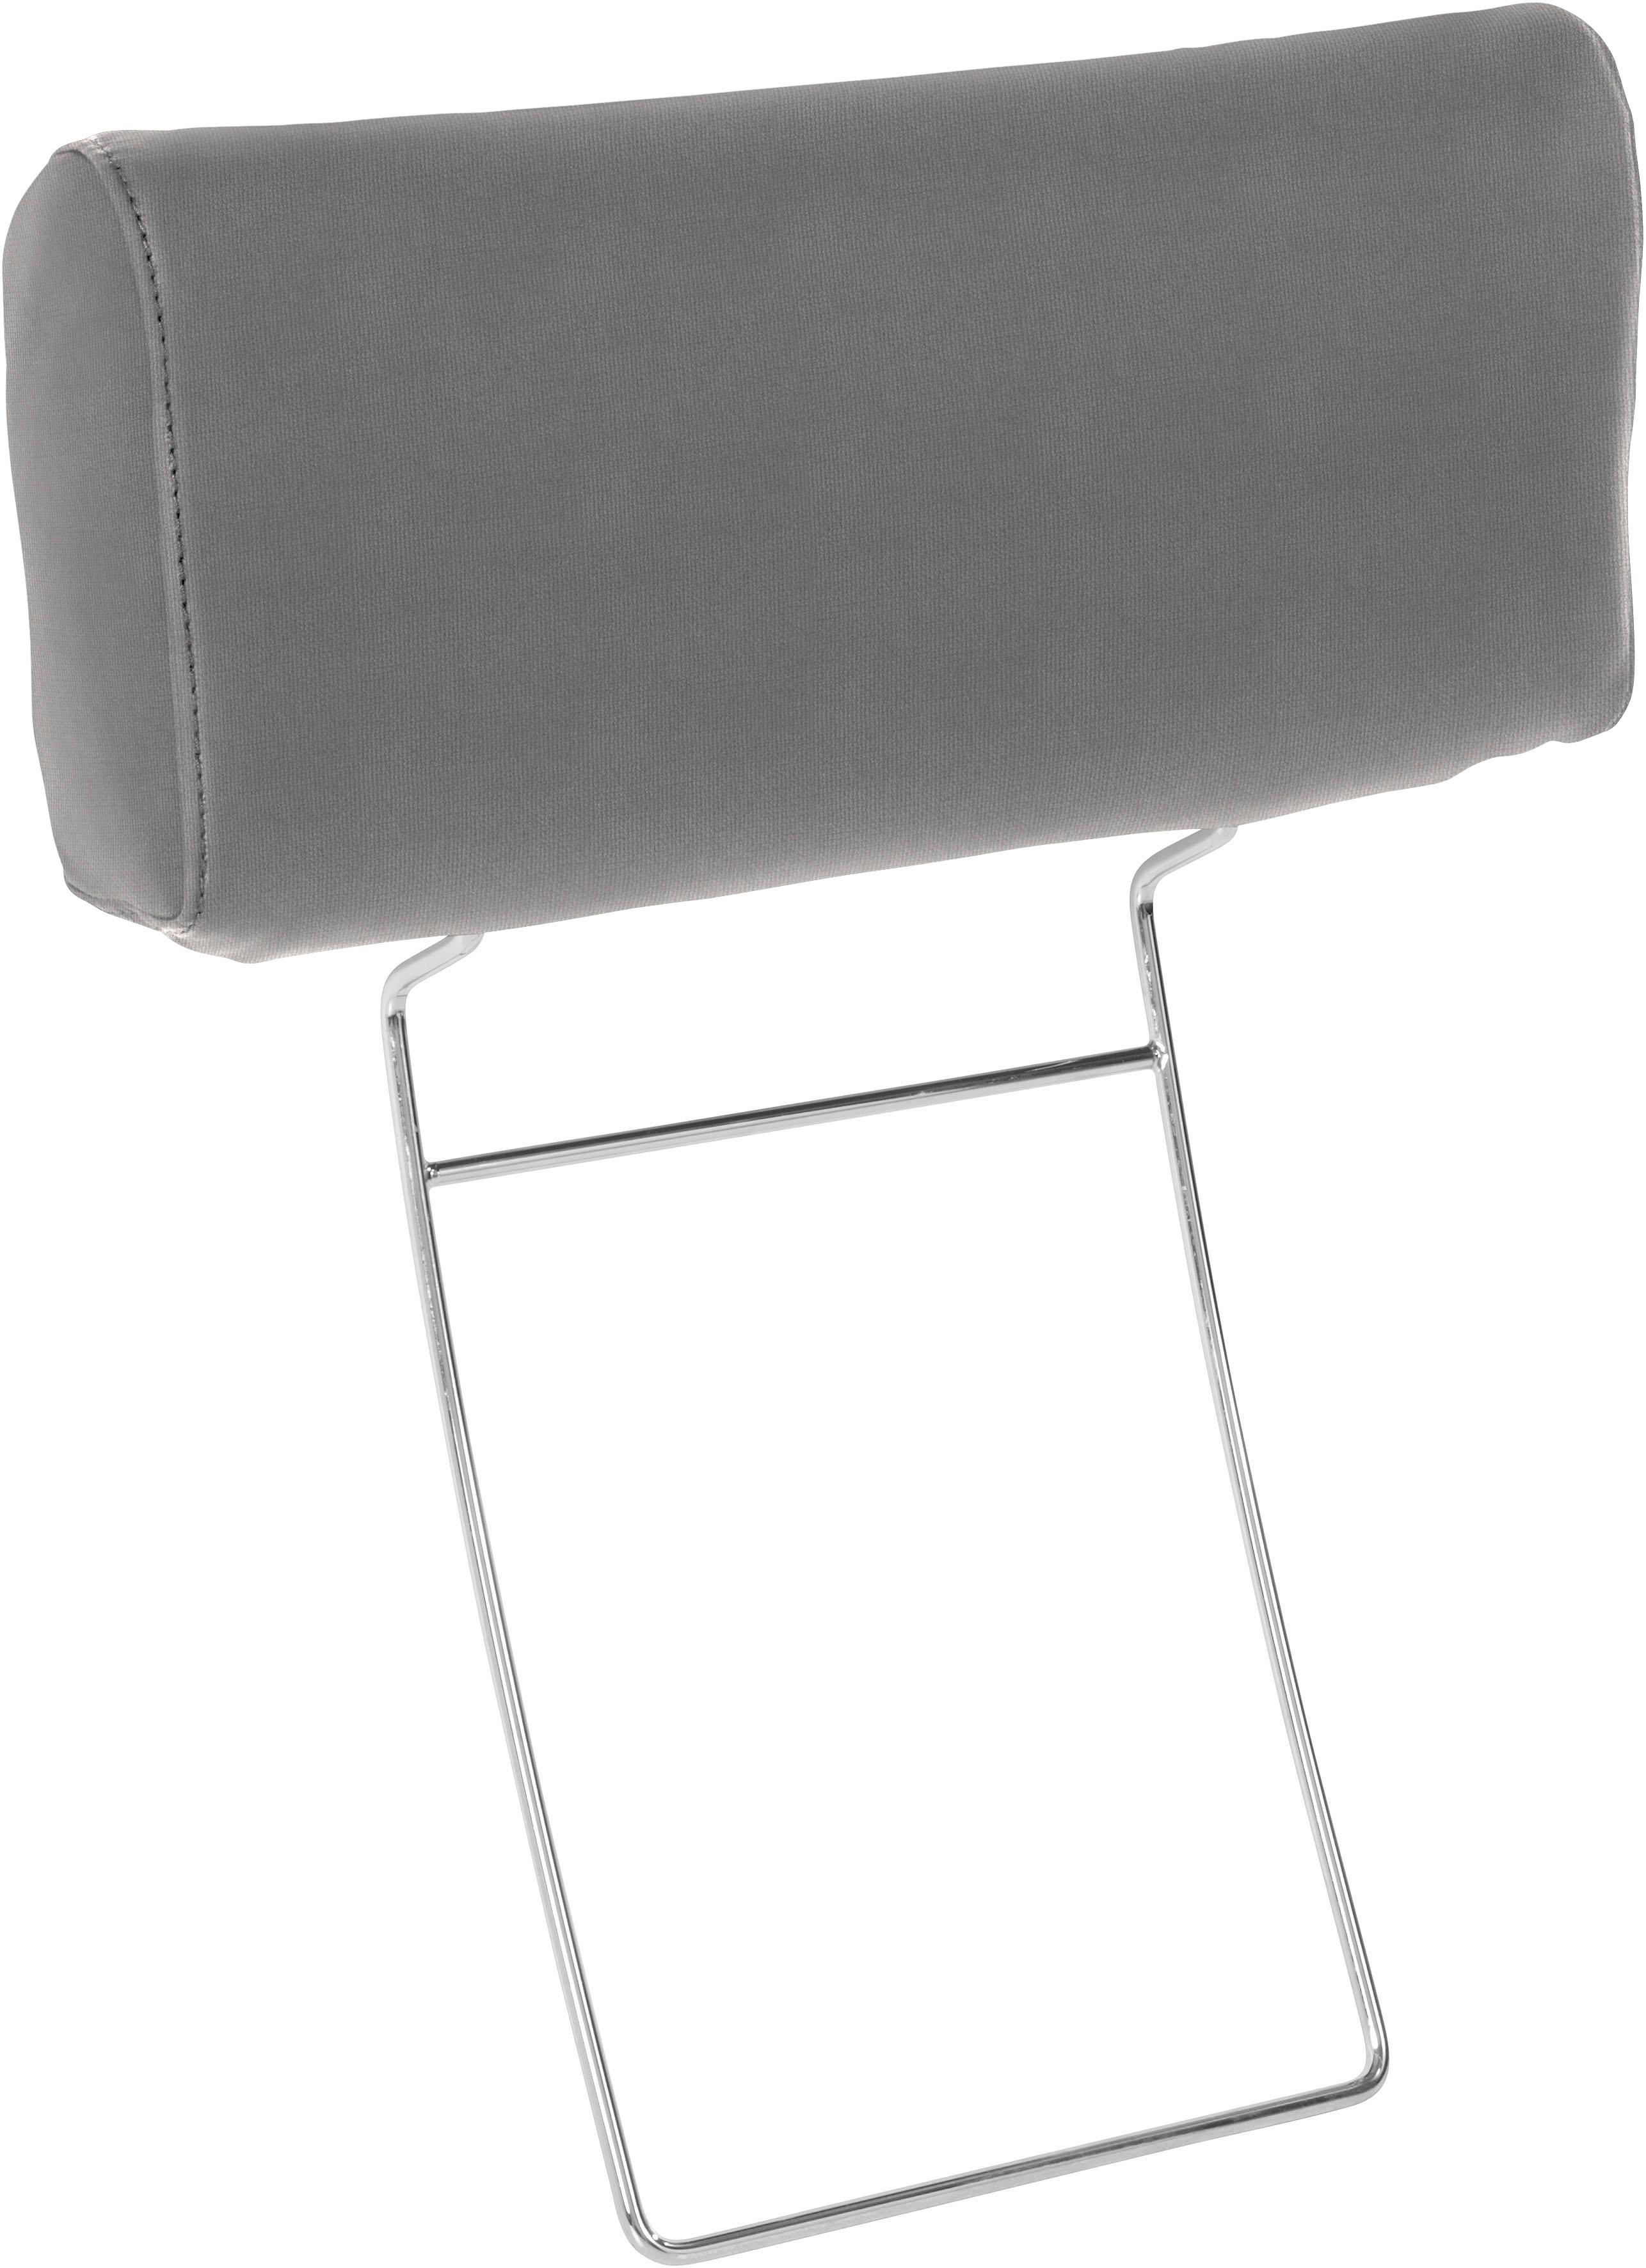 WSCHILLIG Kopfstütze glenn für den großen 2-Sitzer Breite 65 cm